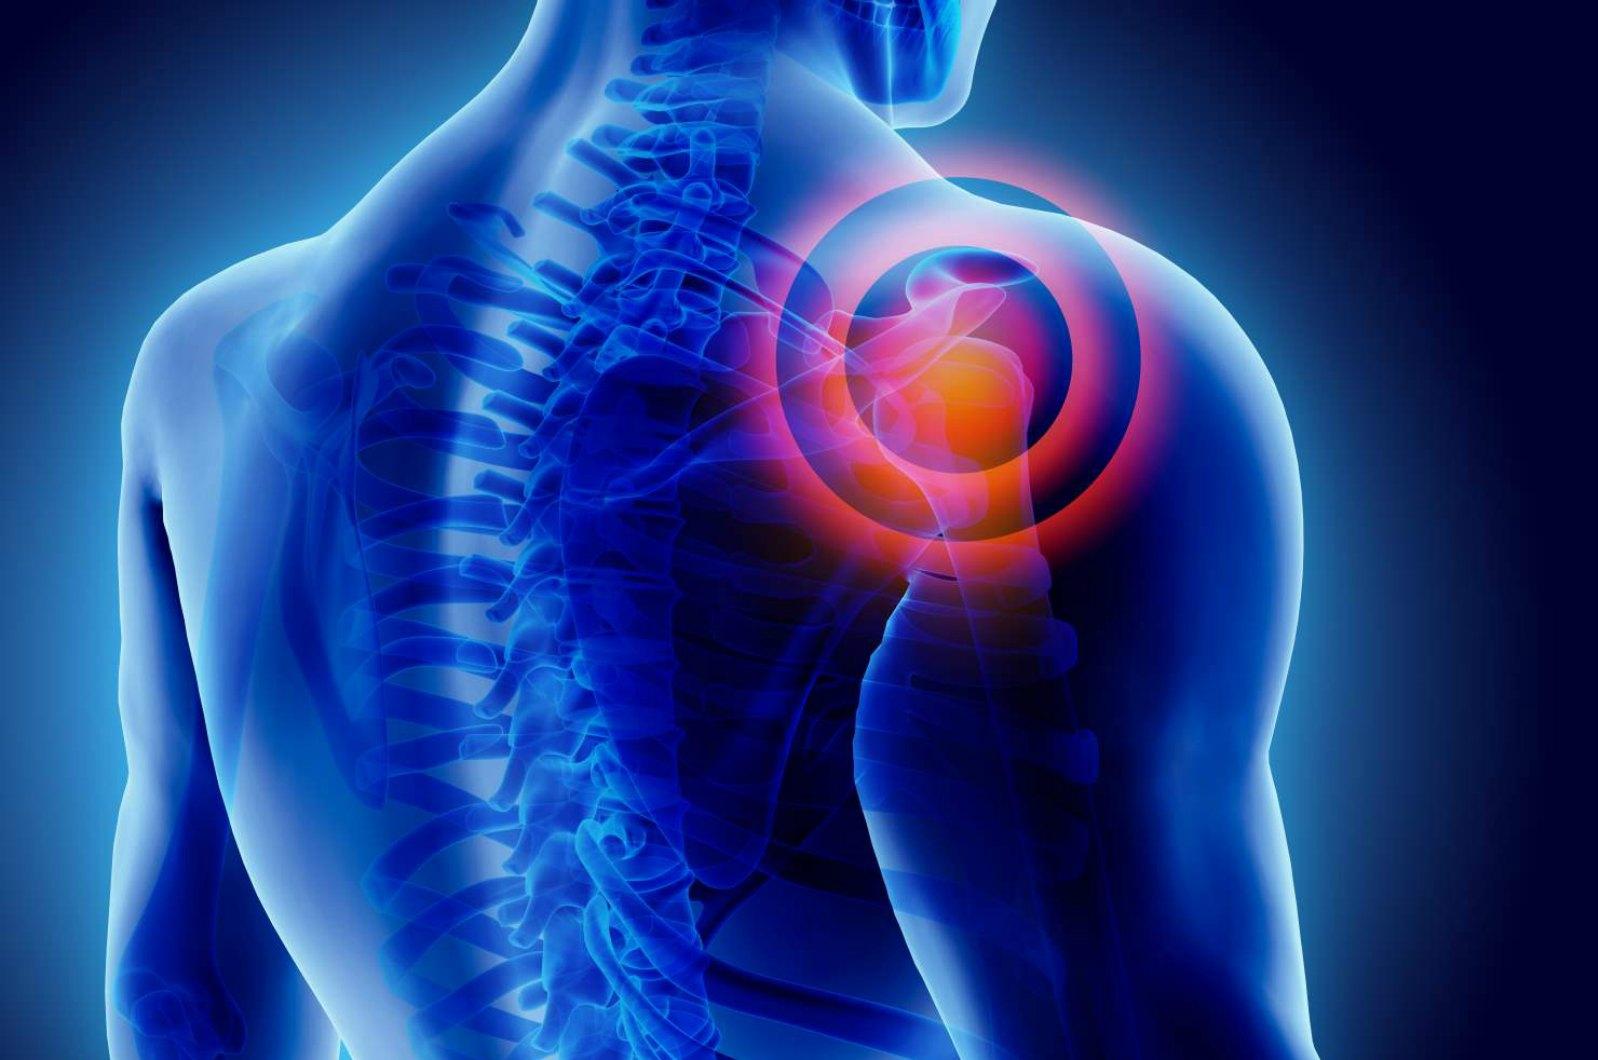 Shoulder prosthesis providing full range of motion